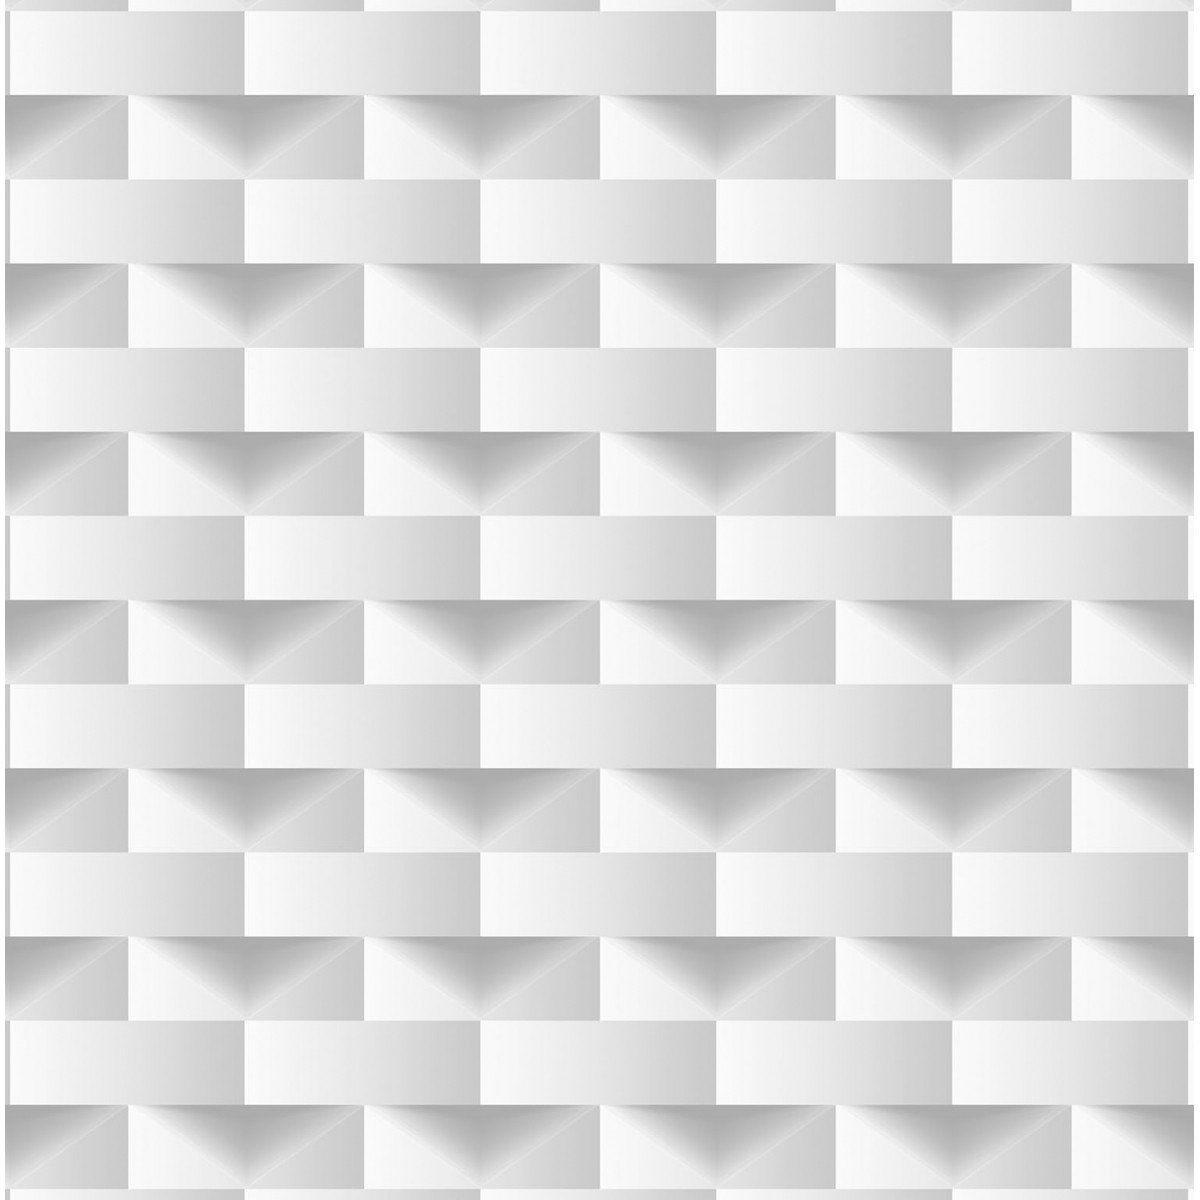 Papel de Parede Bobinex Coleção Dimensões Retângulo Cinza L01 4702 - Lyam Decor